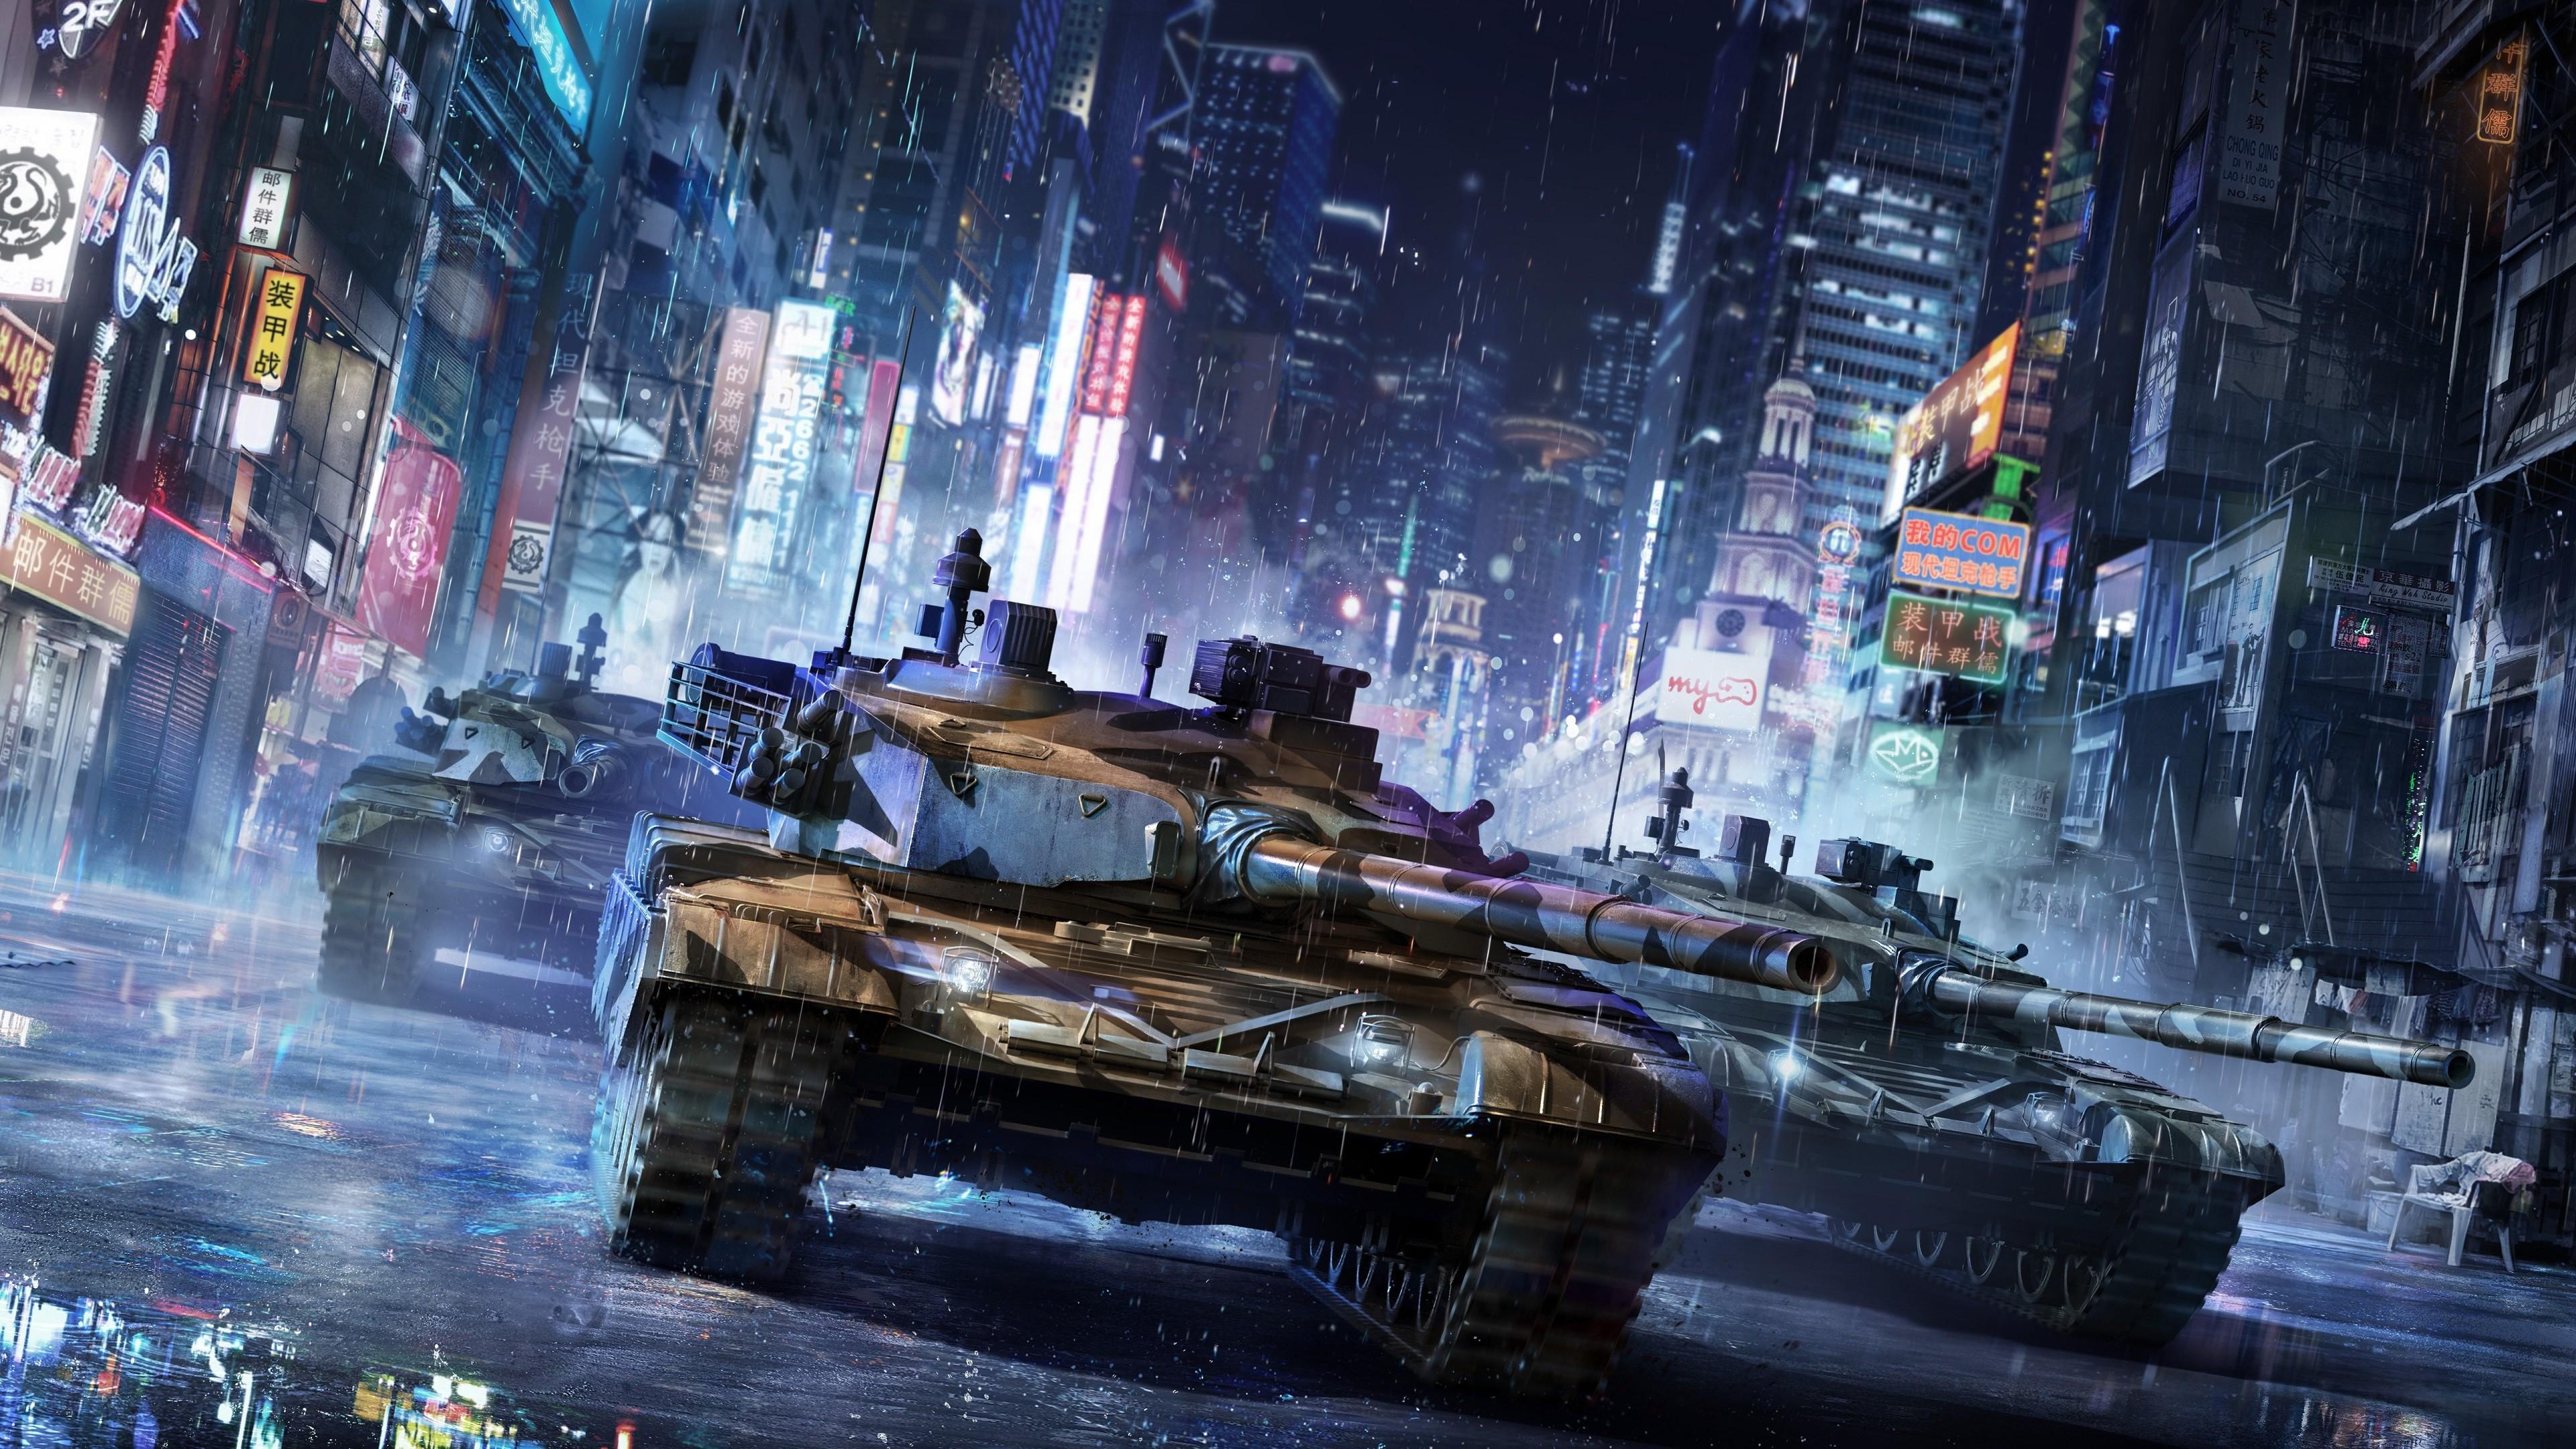 デスクトップ壁紙 ビデオゲーム シティ 夜 アジア 雨 タンク